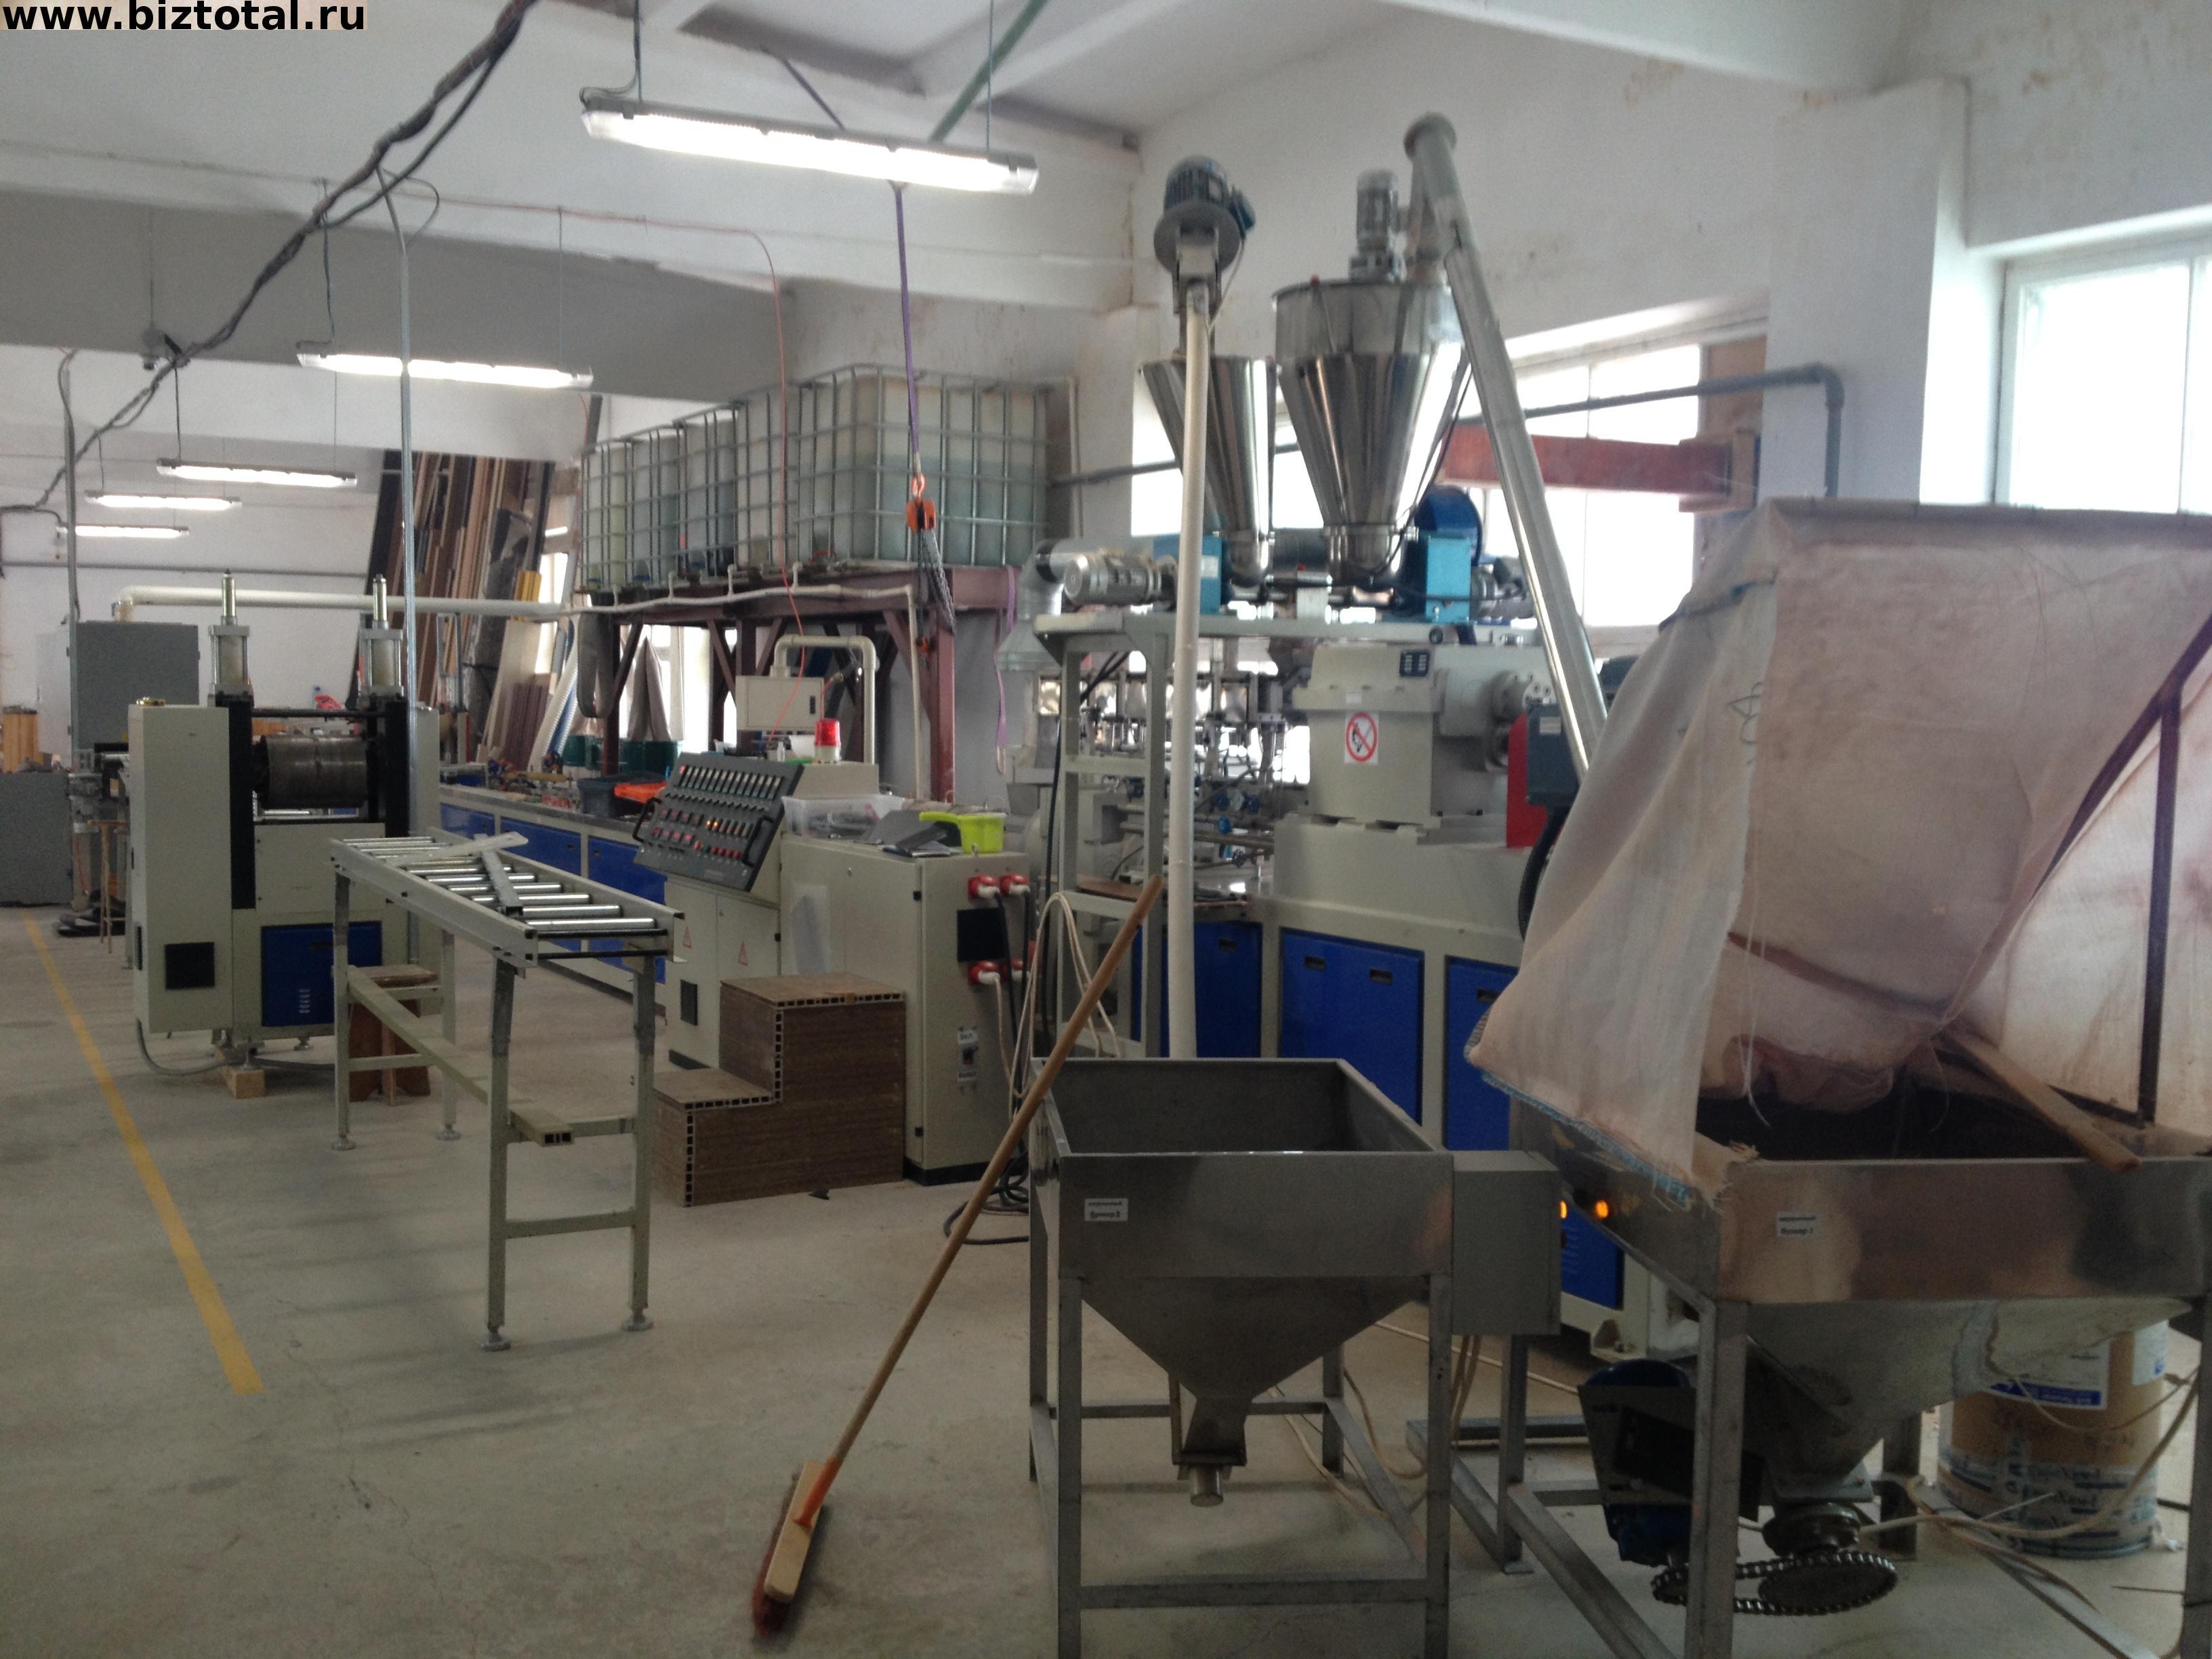 Продается действующее предприятие по производству композиционных строительных материалов.